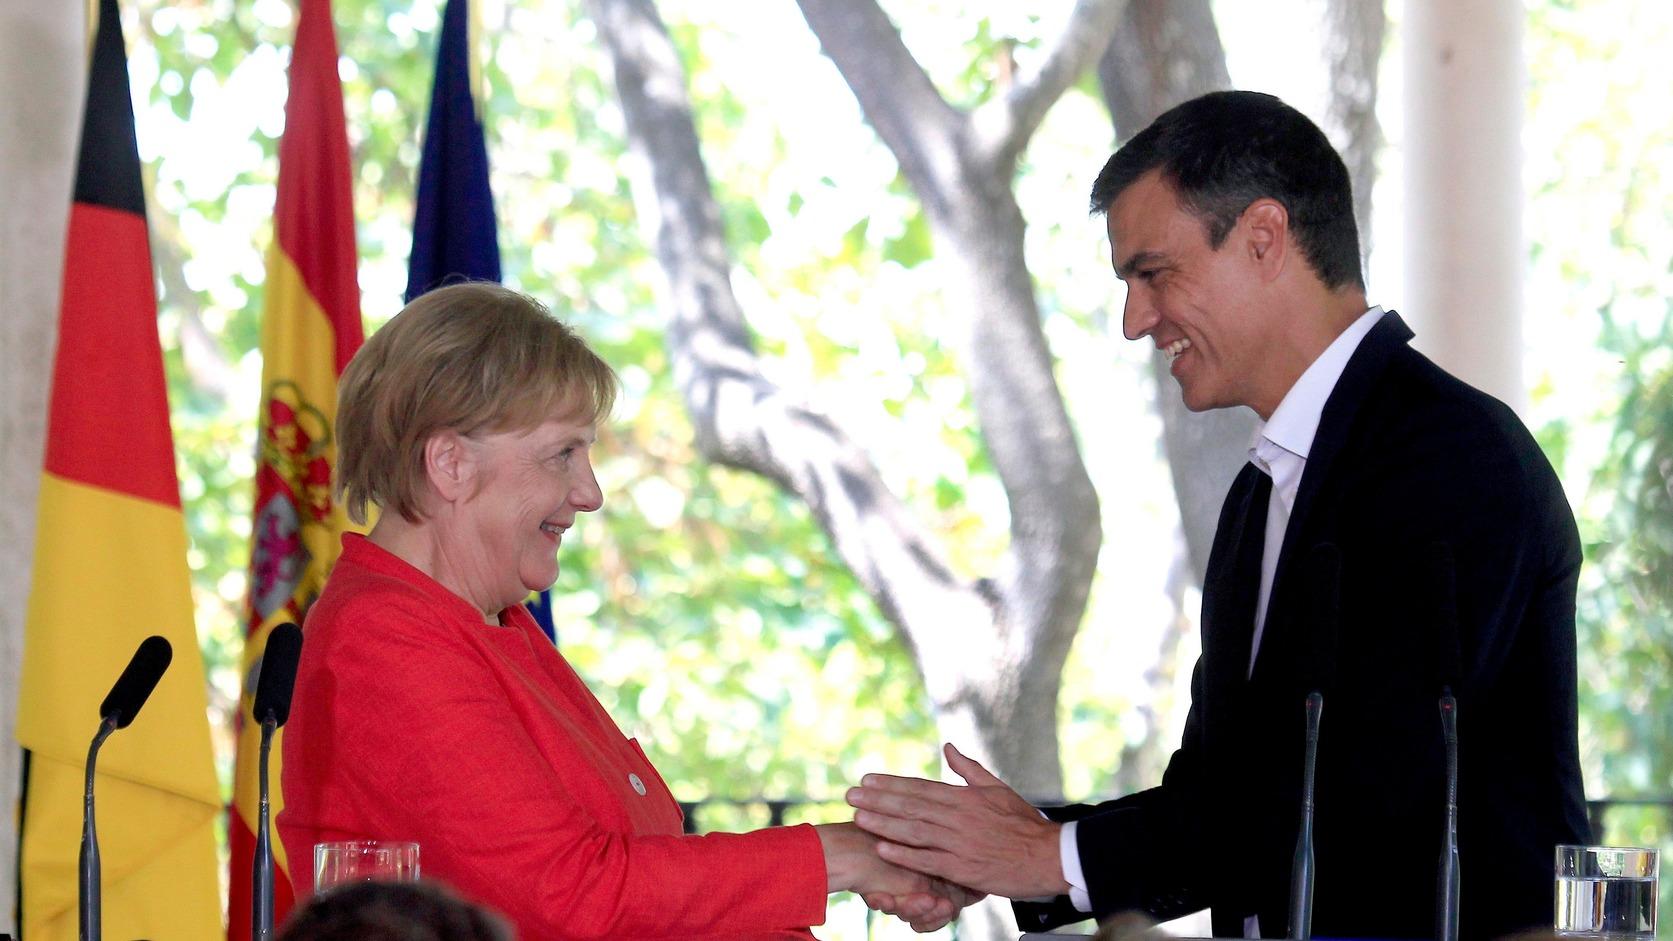 Sanlúcar de Barrameda, augusztus 11. Pedro Sánchez spanyol miniszterelnök (j) és Angela Merkel német kancellár kezet fog sajtóértekezletük kezdetén a dél-spanyolországi Sanlúcar de Barrameda településen 2018. augusztus 11-én. (MTI/EPA/A. Carrasco Ragel)